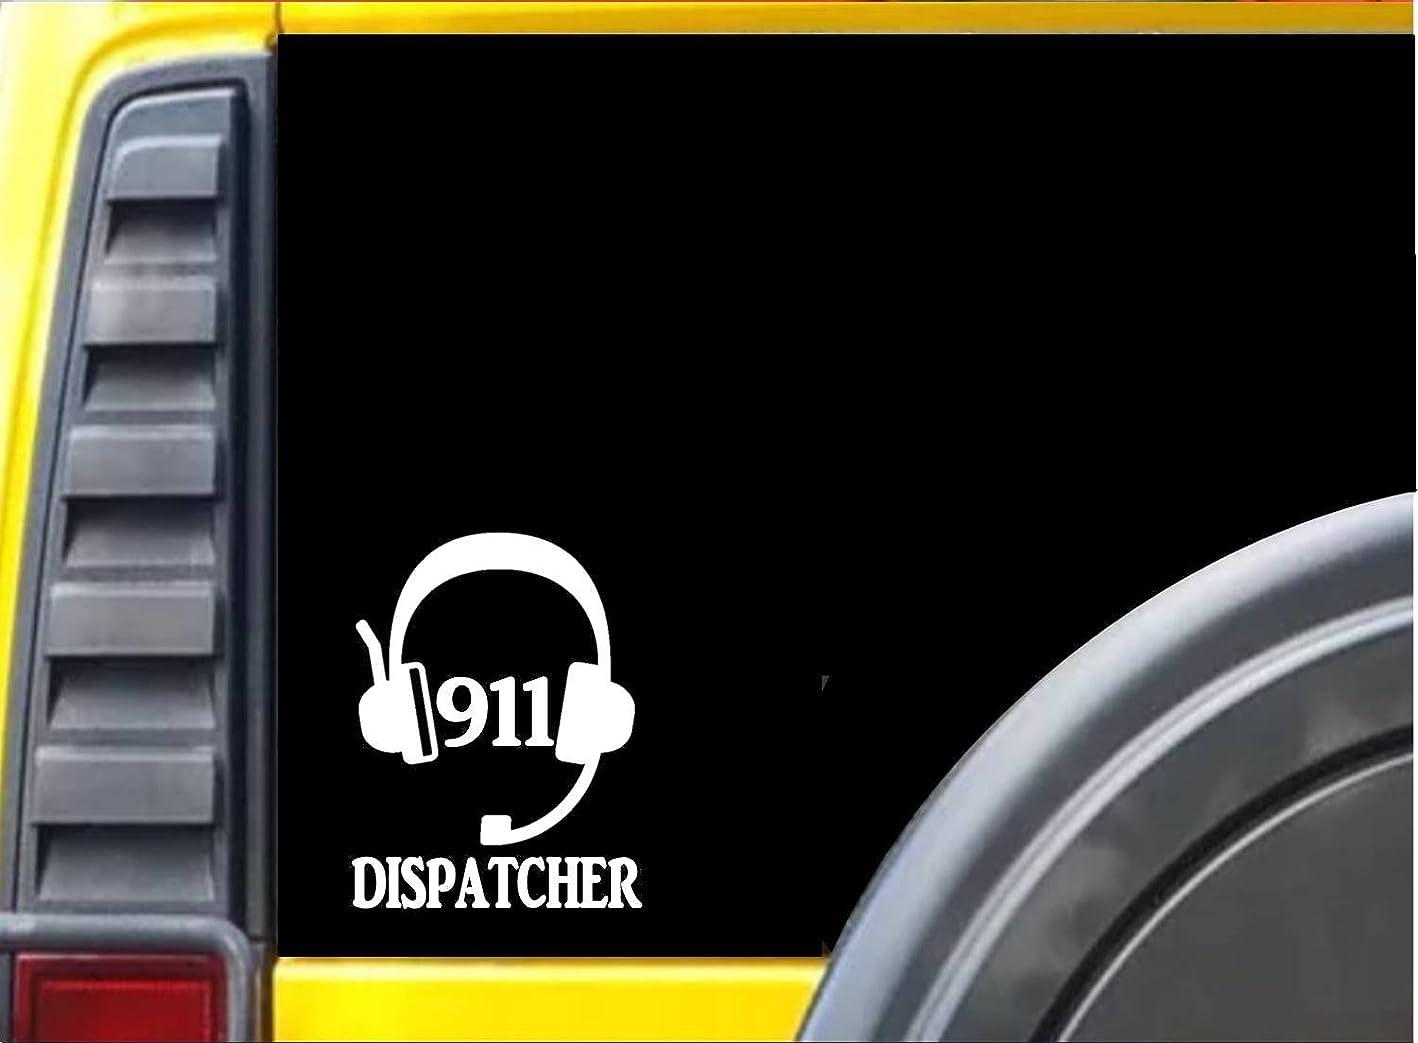 つぶす爆発物狂乱911ディスパッチャヘッドセットk488?6インチステッカーディスパッチデカール